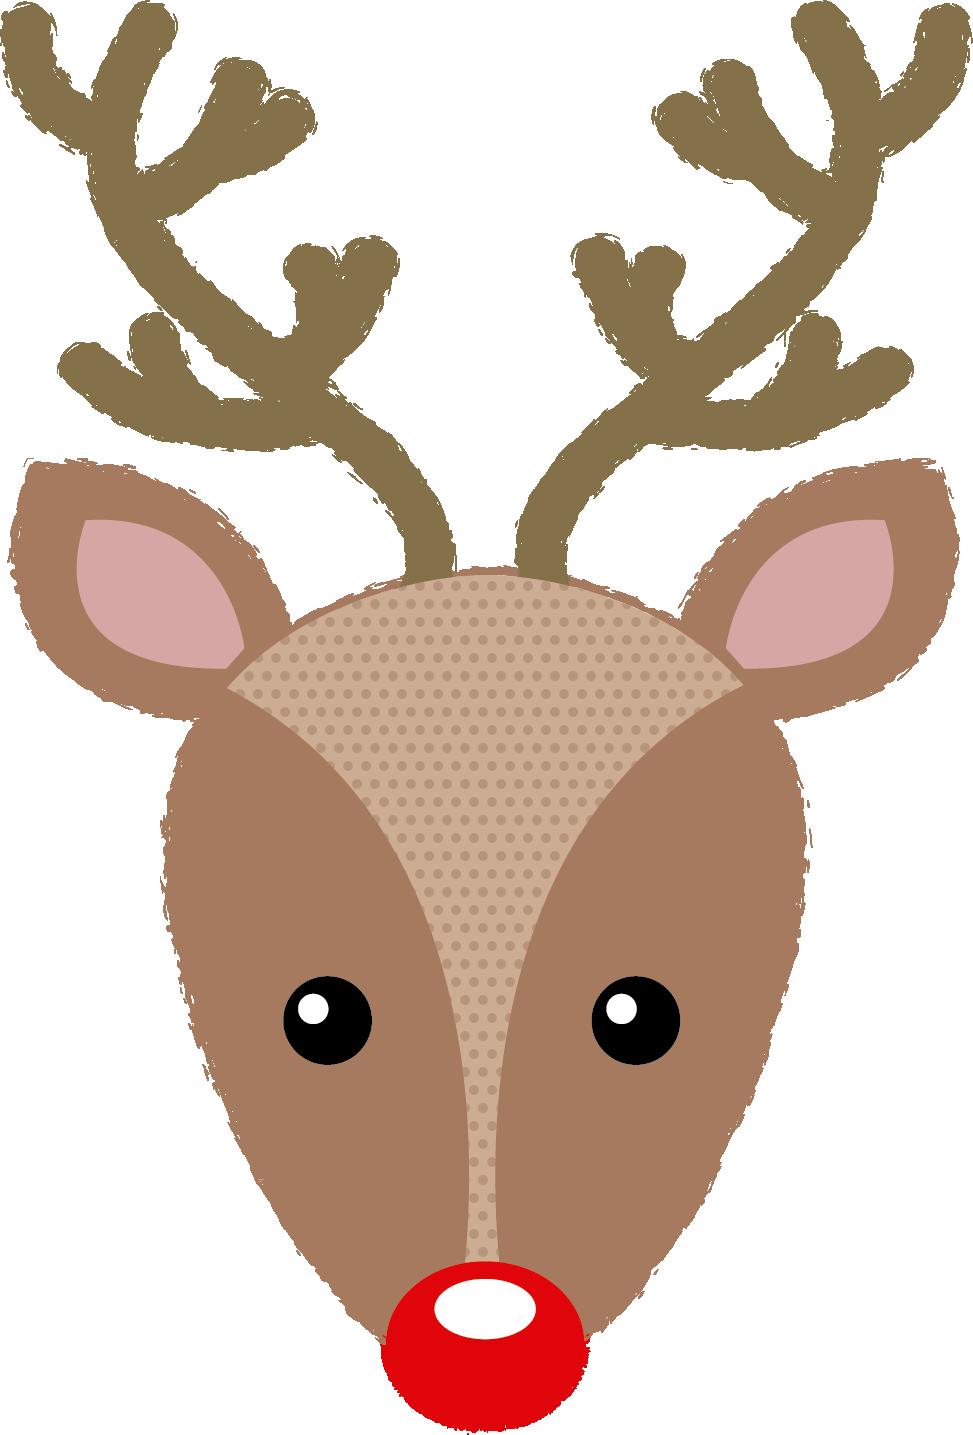 reindeer_iStock-853809088_sketch.png